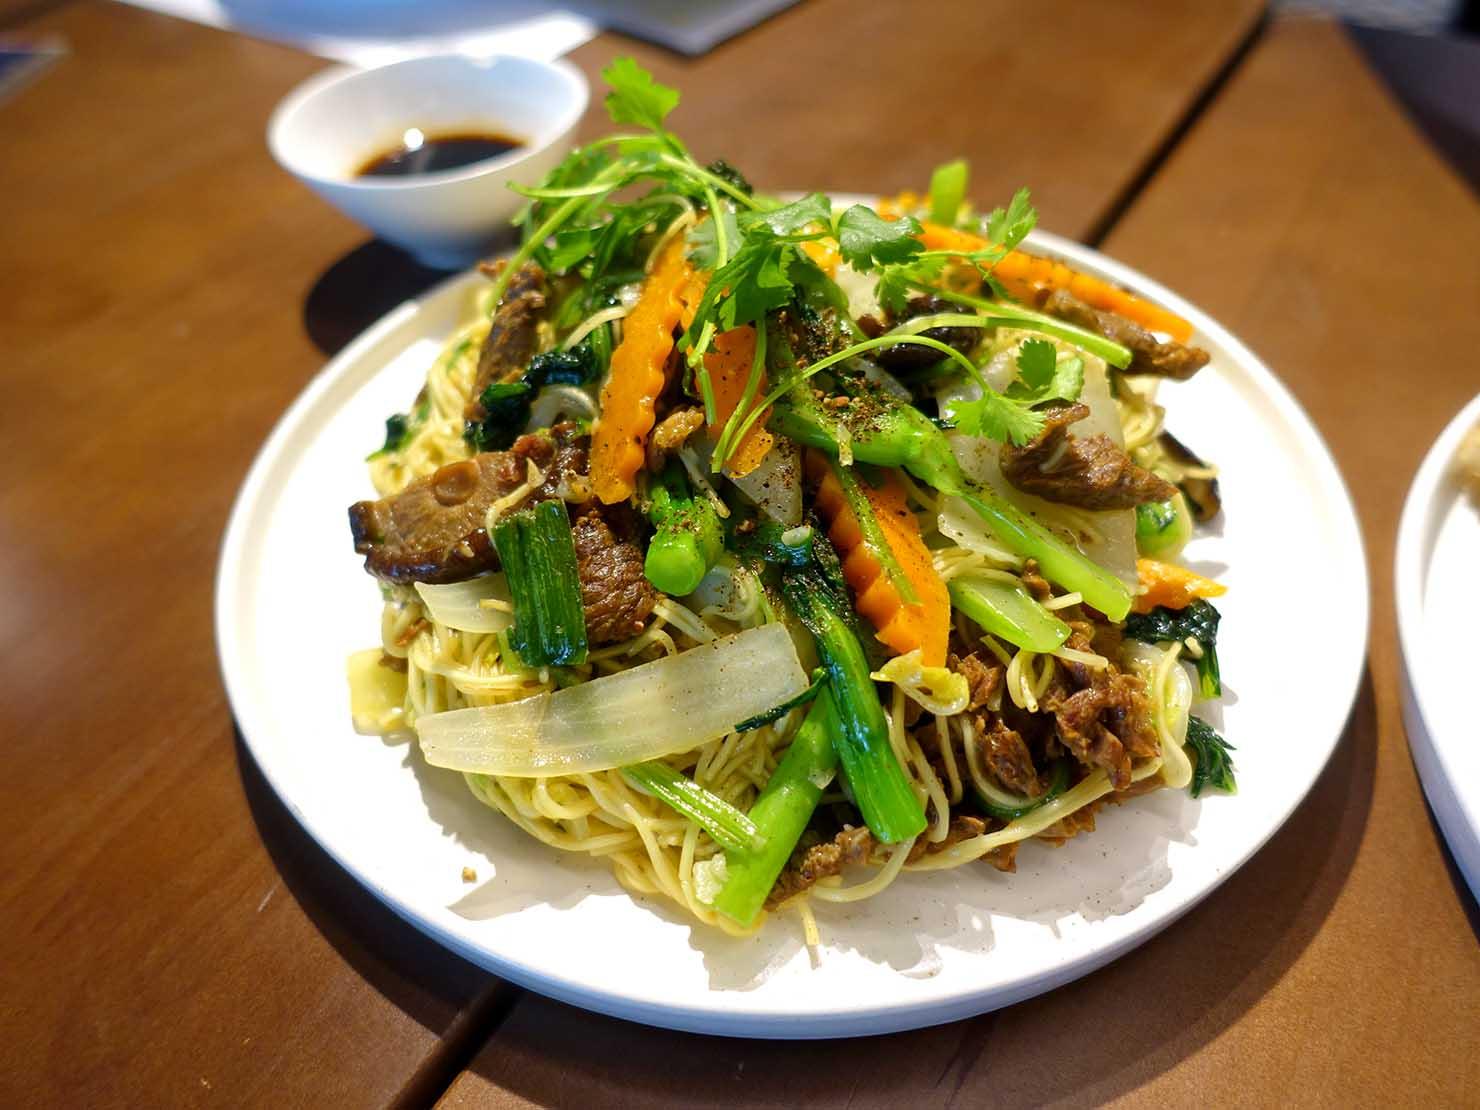 ベトナム・ハノイ旧市街の美味しいレストラン「Chusa」の牛肉炒め麺